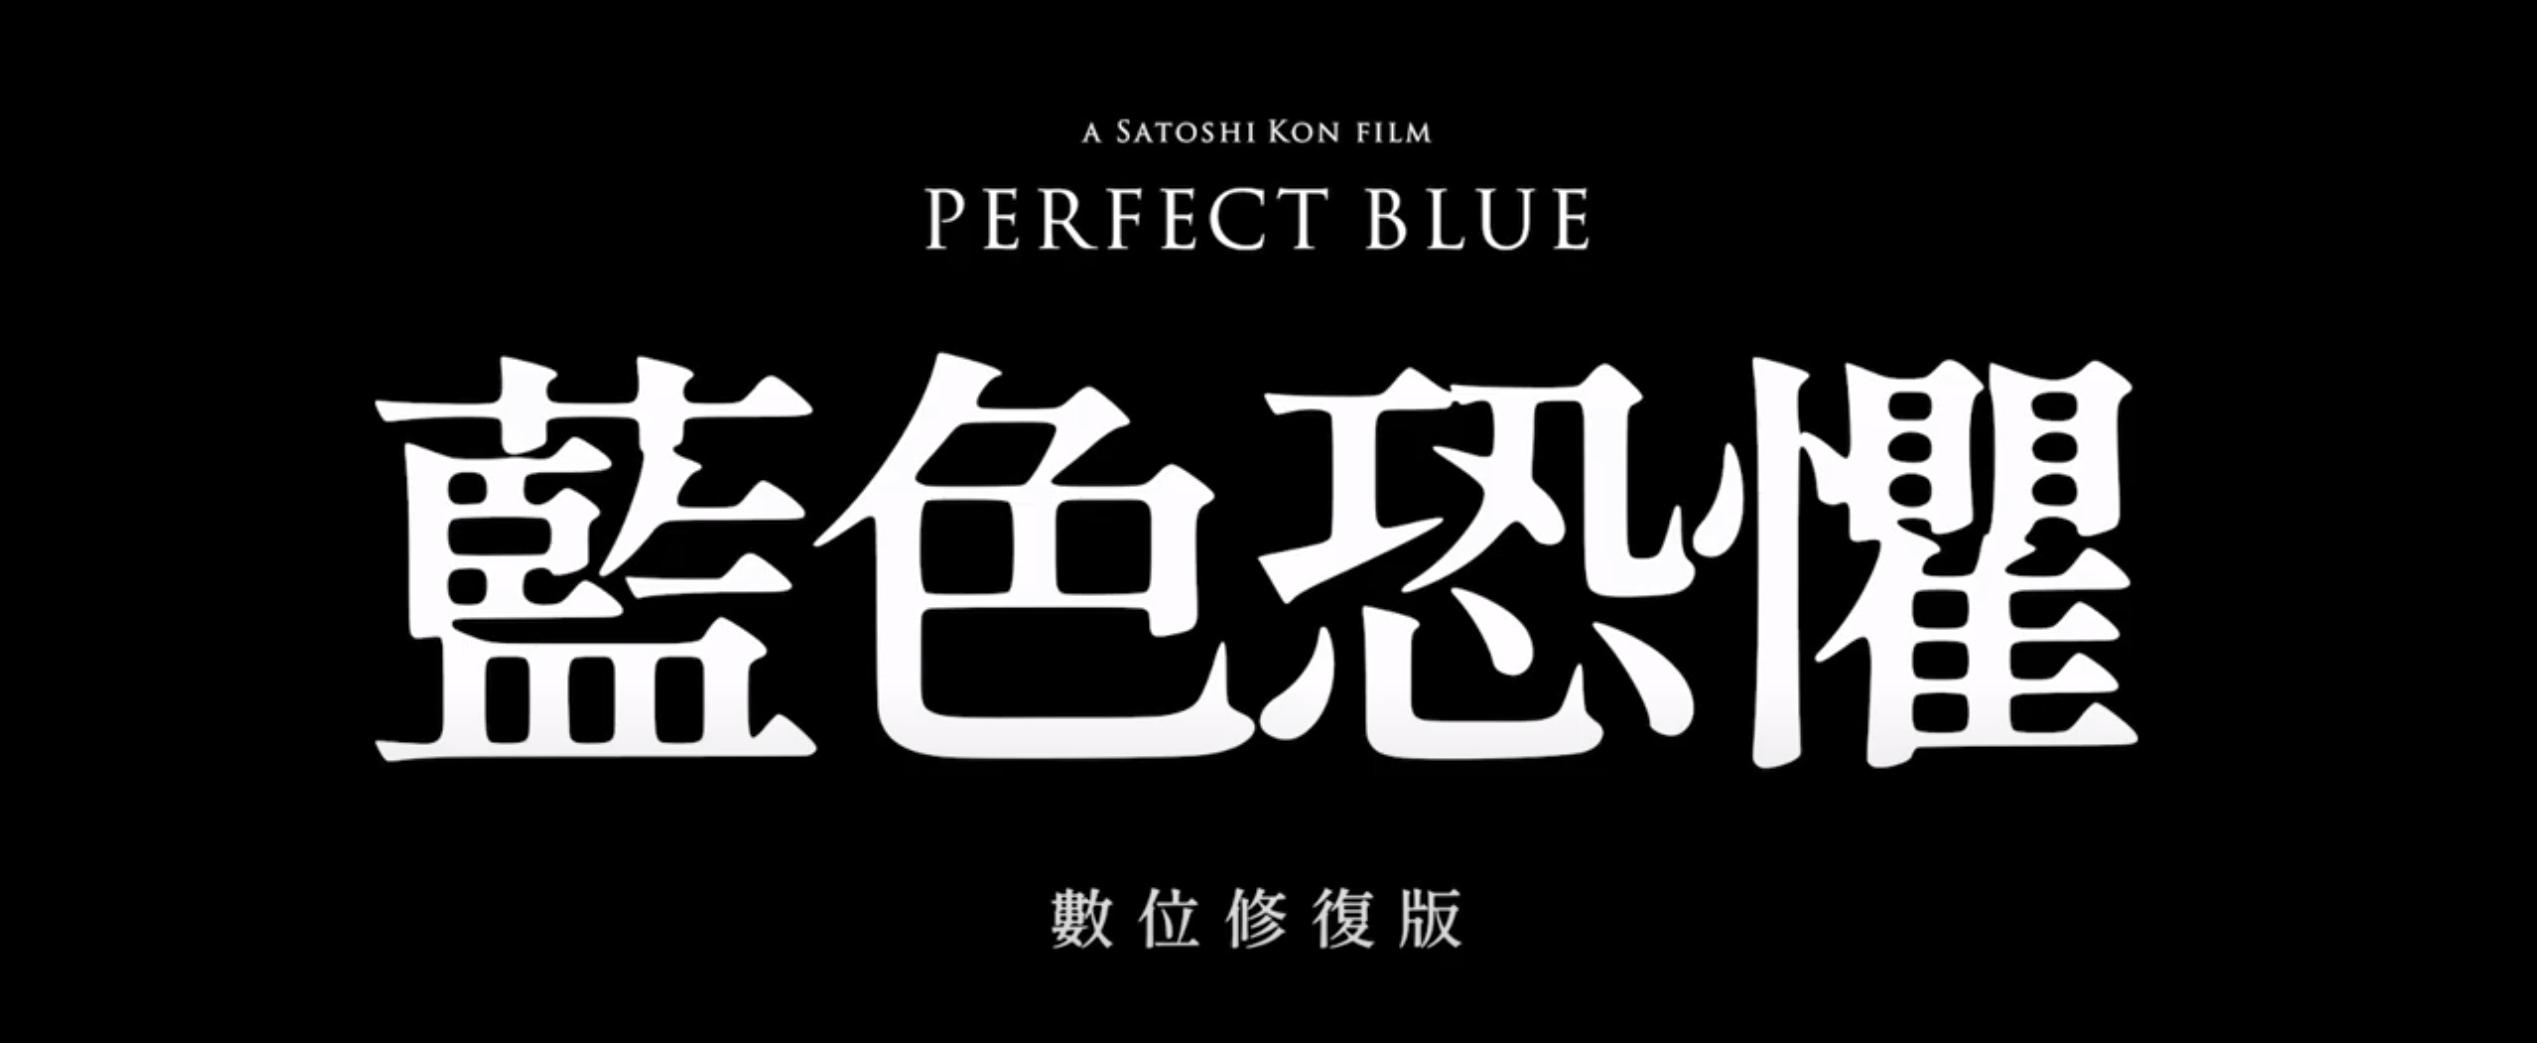 惊悚动画电影《未麻的部屋/蓝色的恐惧Perfect Blue》数位修复版发布预告片,将于下月上映